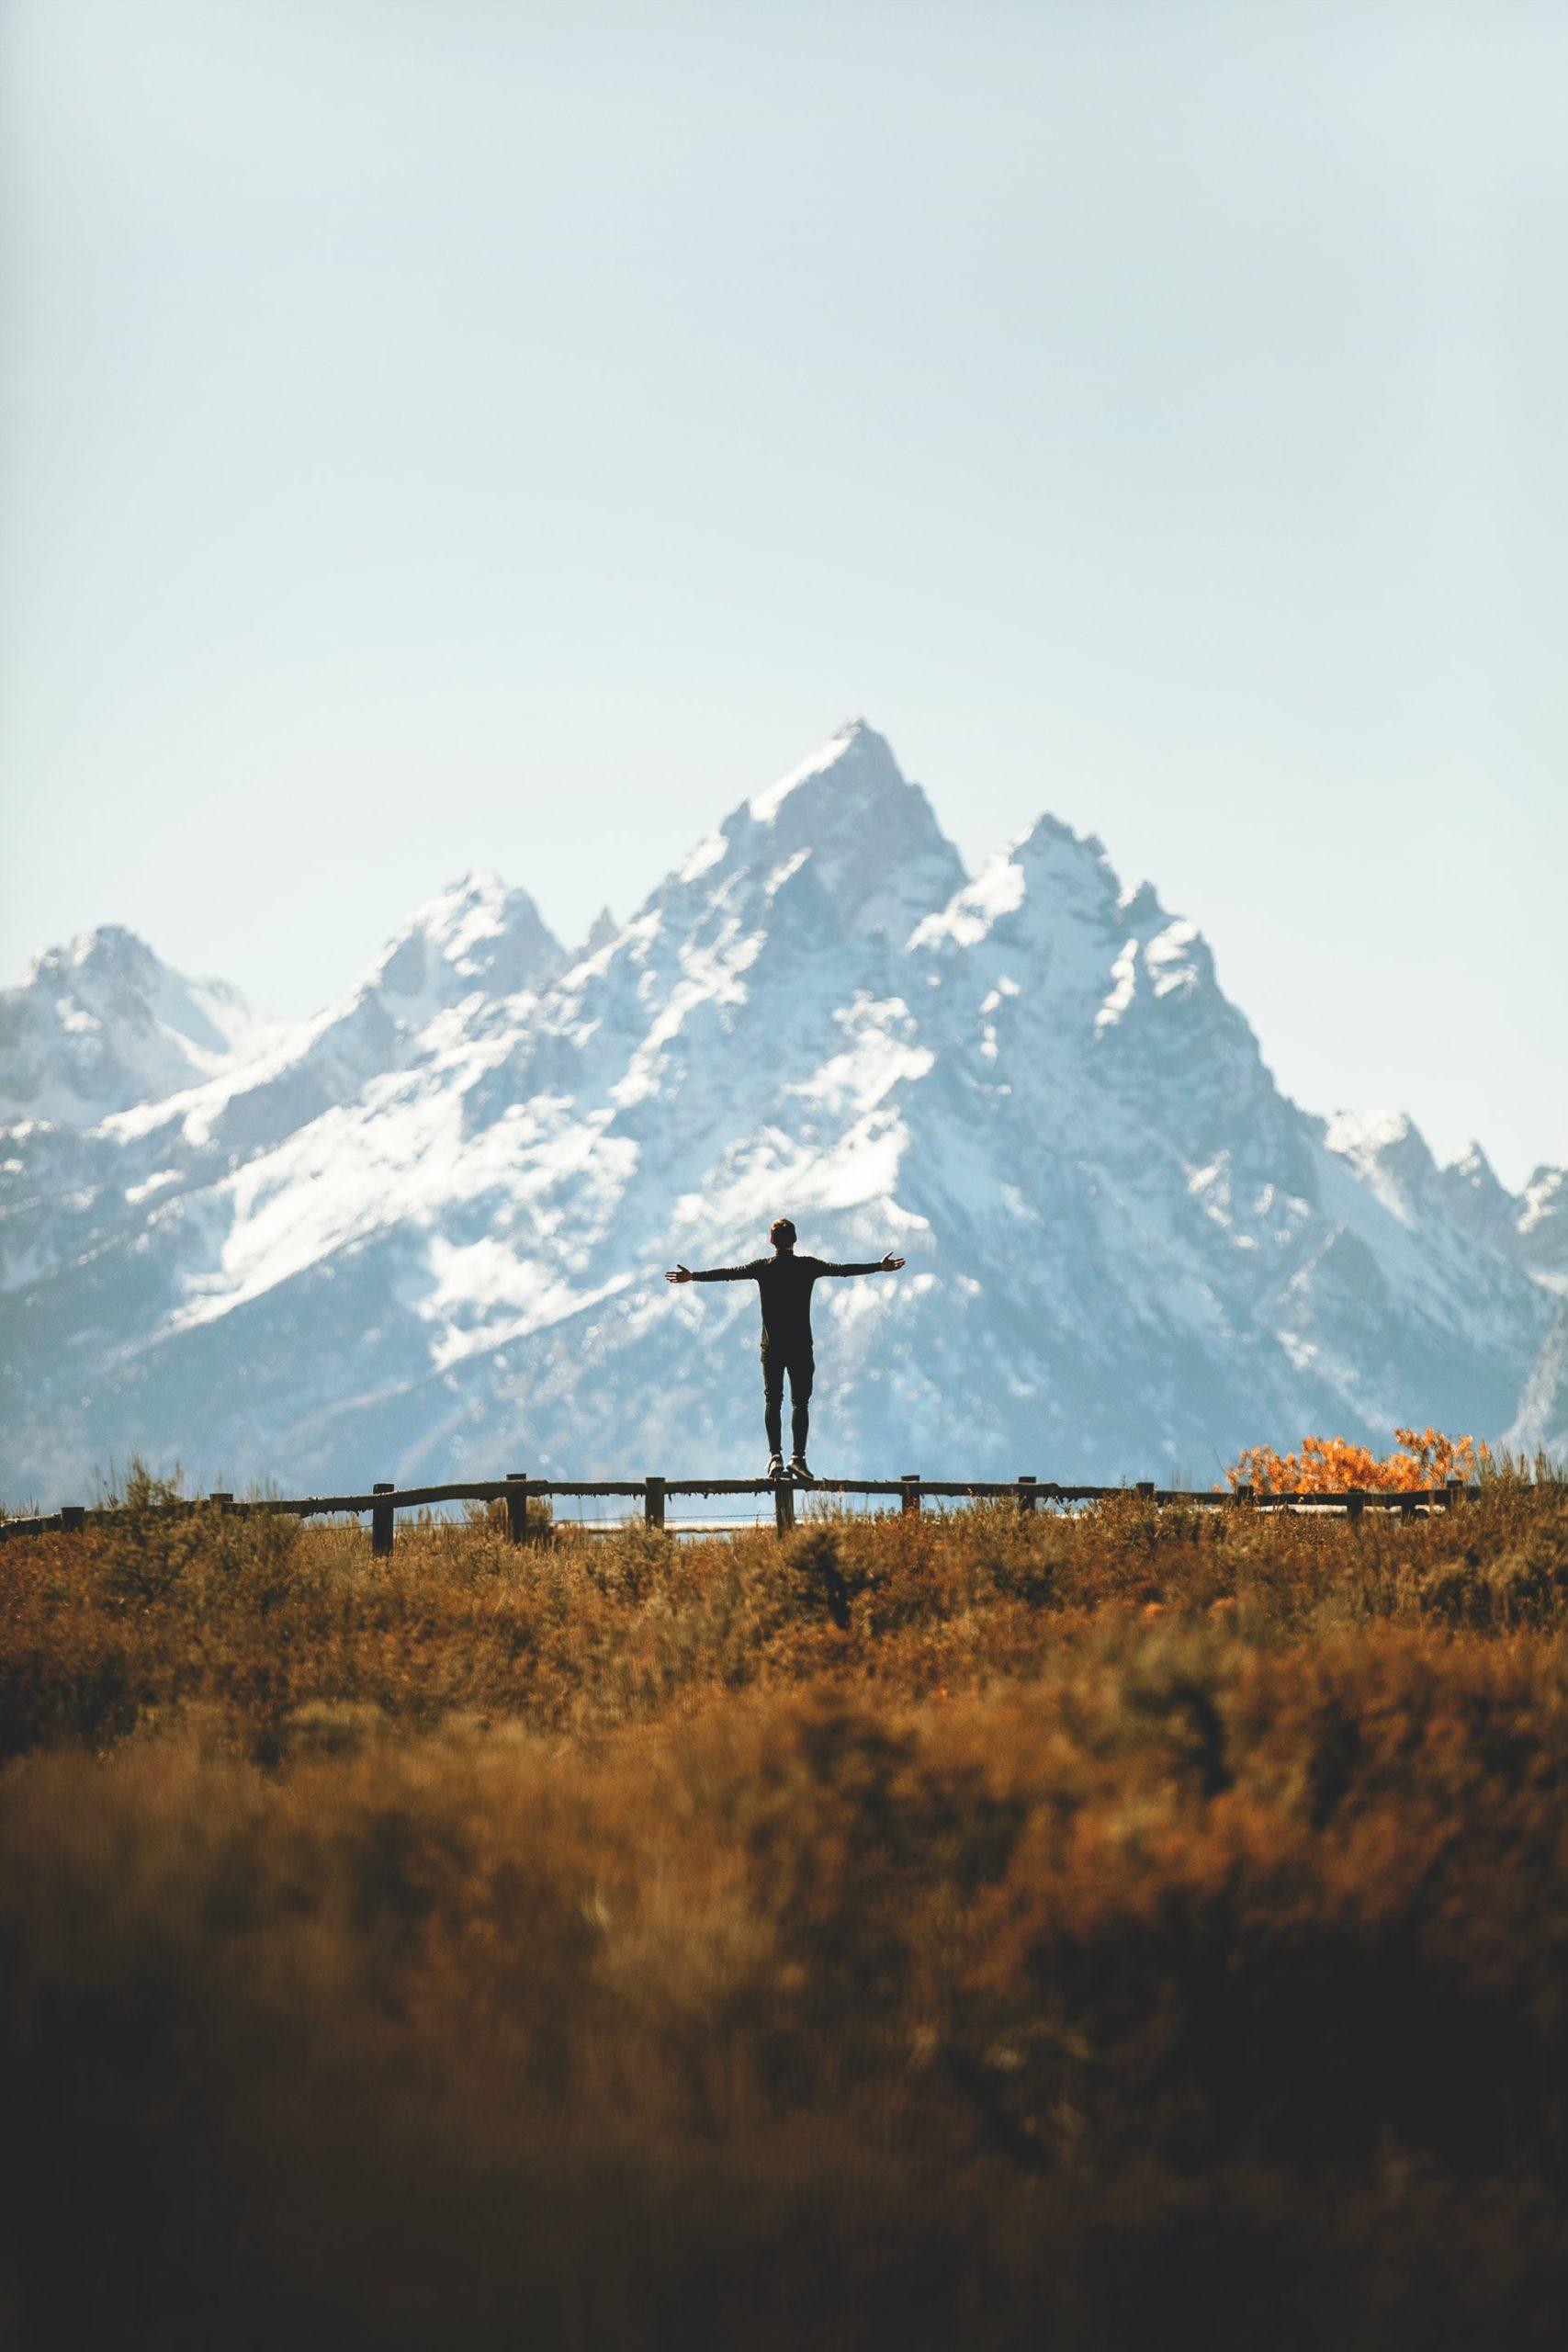 ストレスを溜めない方法⑥ 自分を認める・感謝する